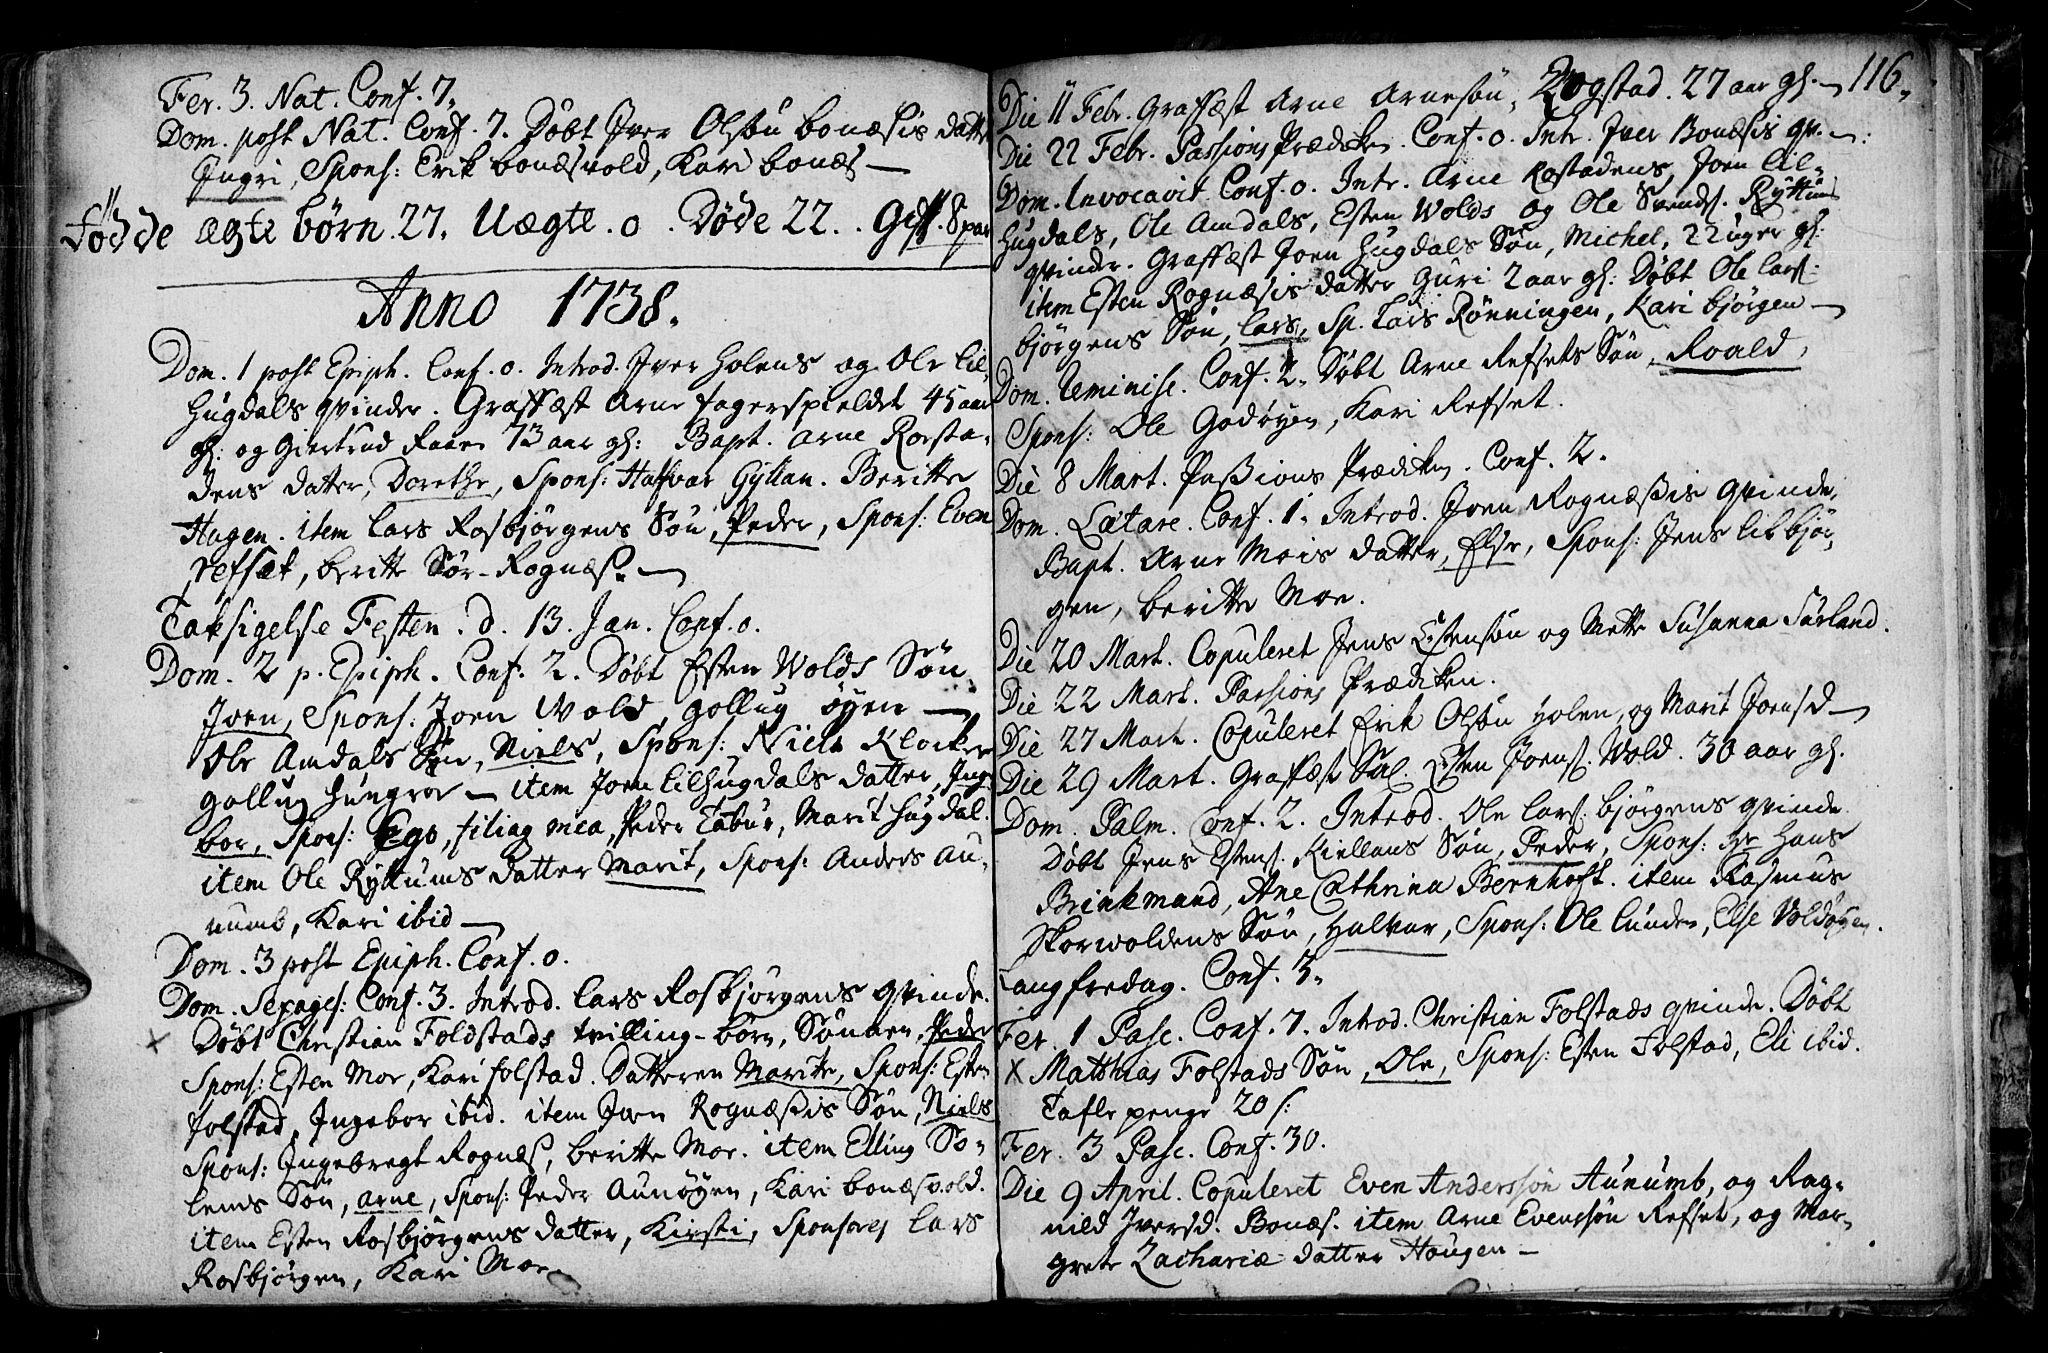 SAT, Ministerialprotokoller, klokkerbøker og fødselsregistre - Sør-Trøndelag, 687/L0990: Ministerialbok nr. 687A01, 1690-1746, s. 116